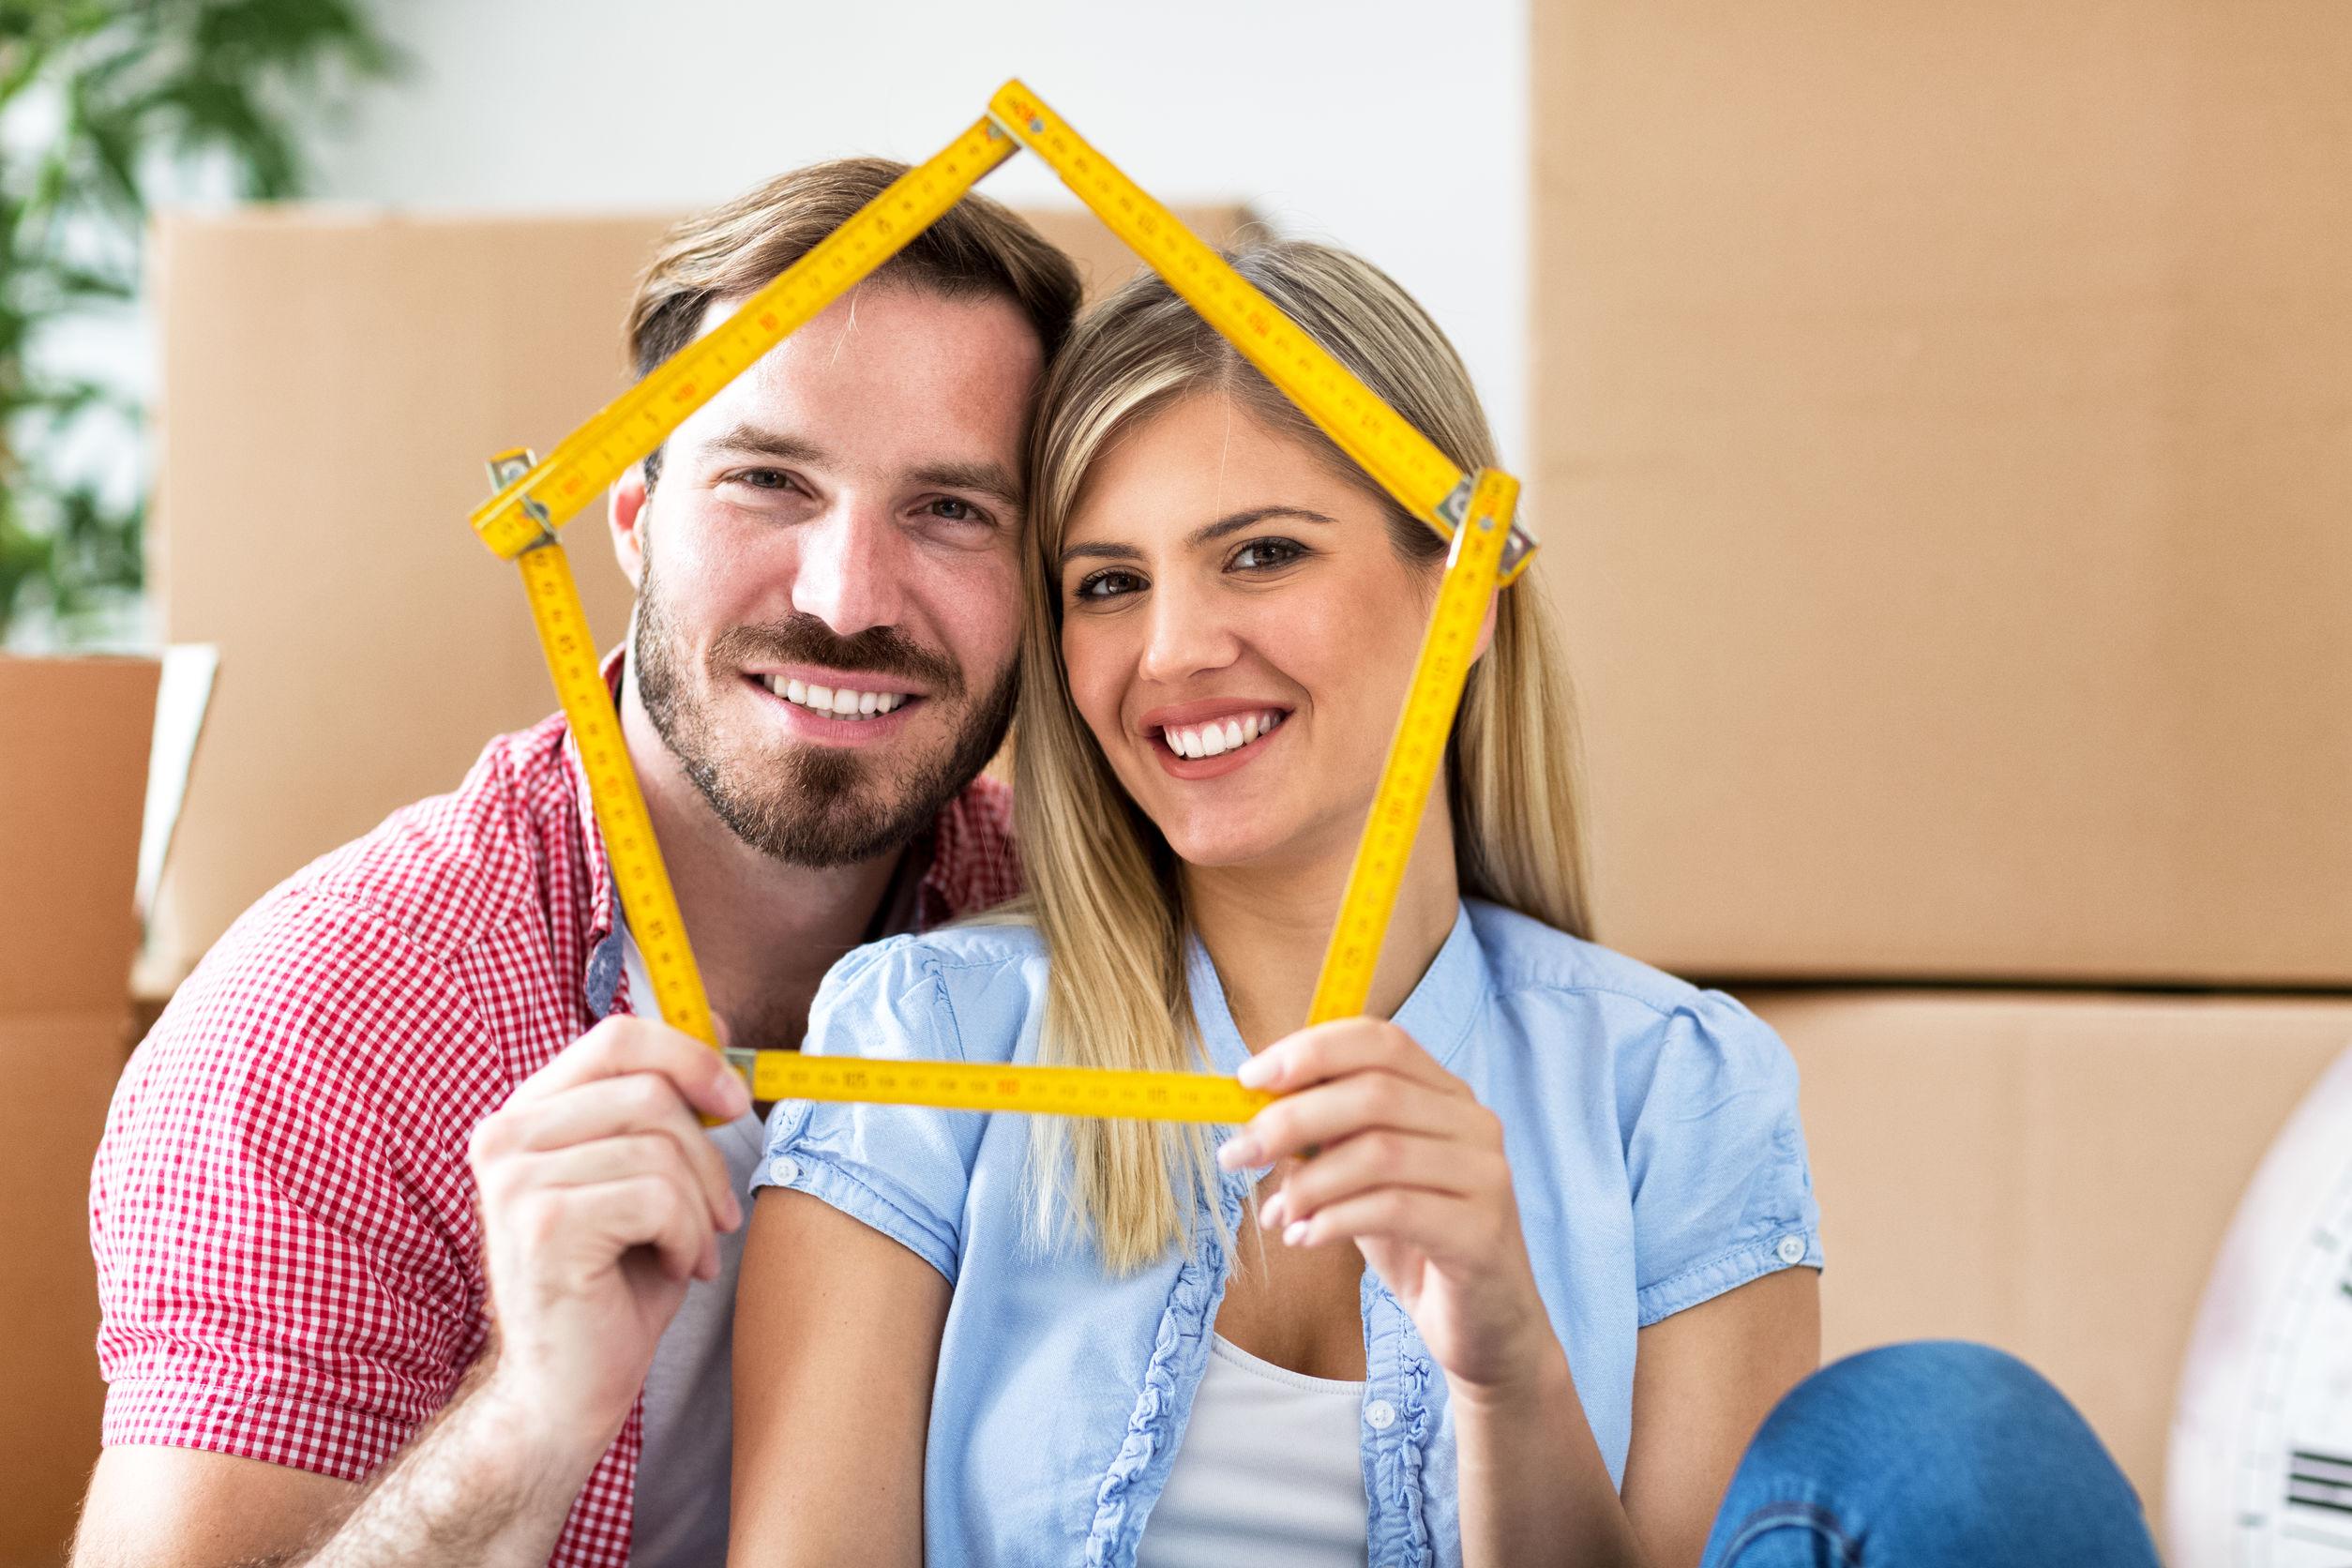 Eine Bauherrenversicherung sollten Bauherren am besten schon vor dem ersten Spatenstich abschließen